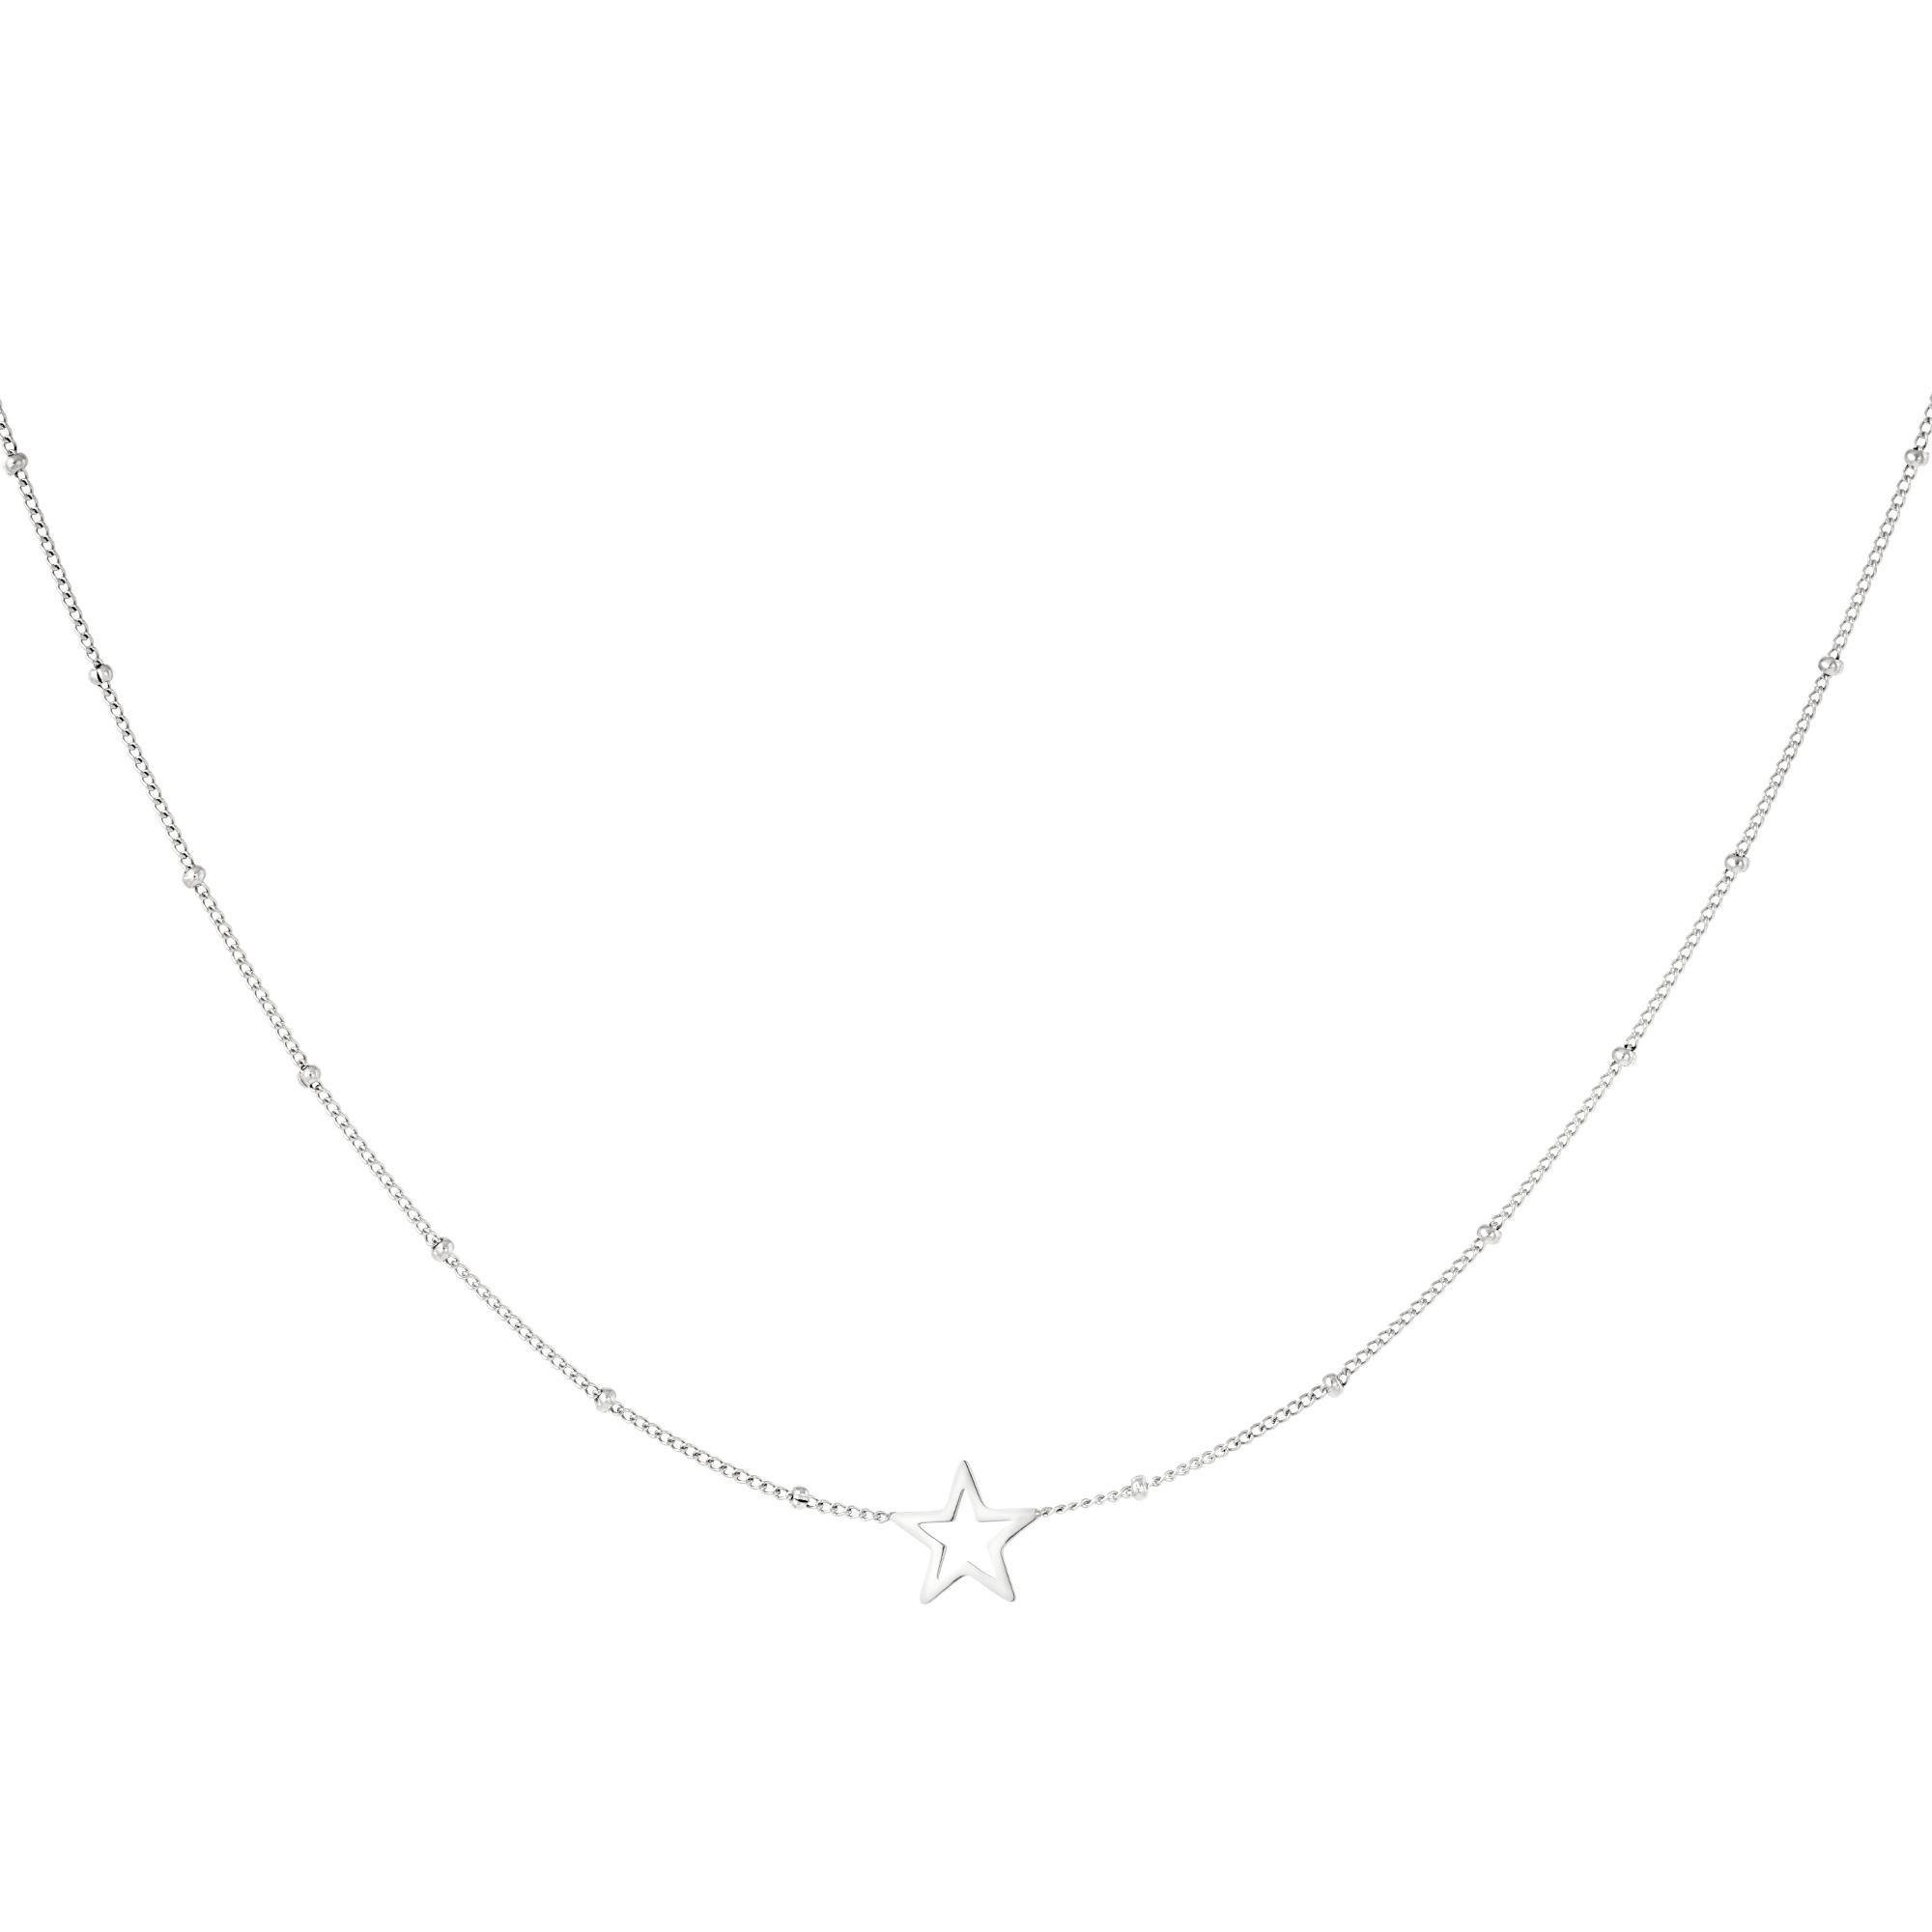 Minimalistische halskette offener stern